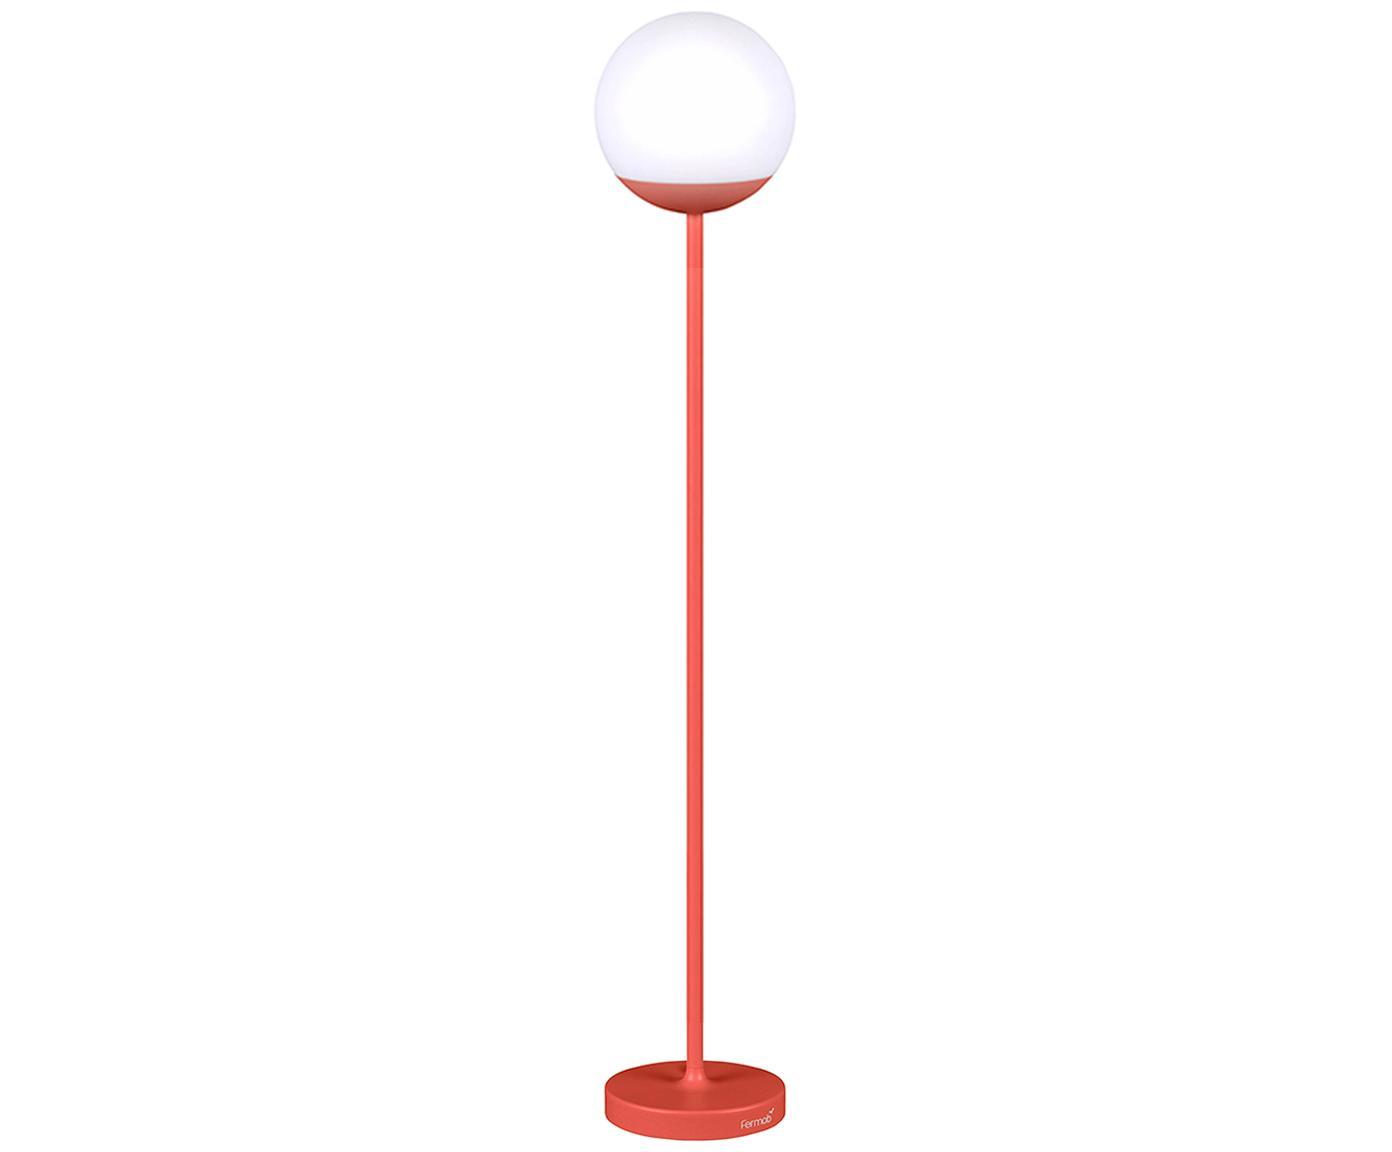 Zewnętrzna lampa mobilna LED Mooon, Czerwony, Ø 25 x W 134 cm